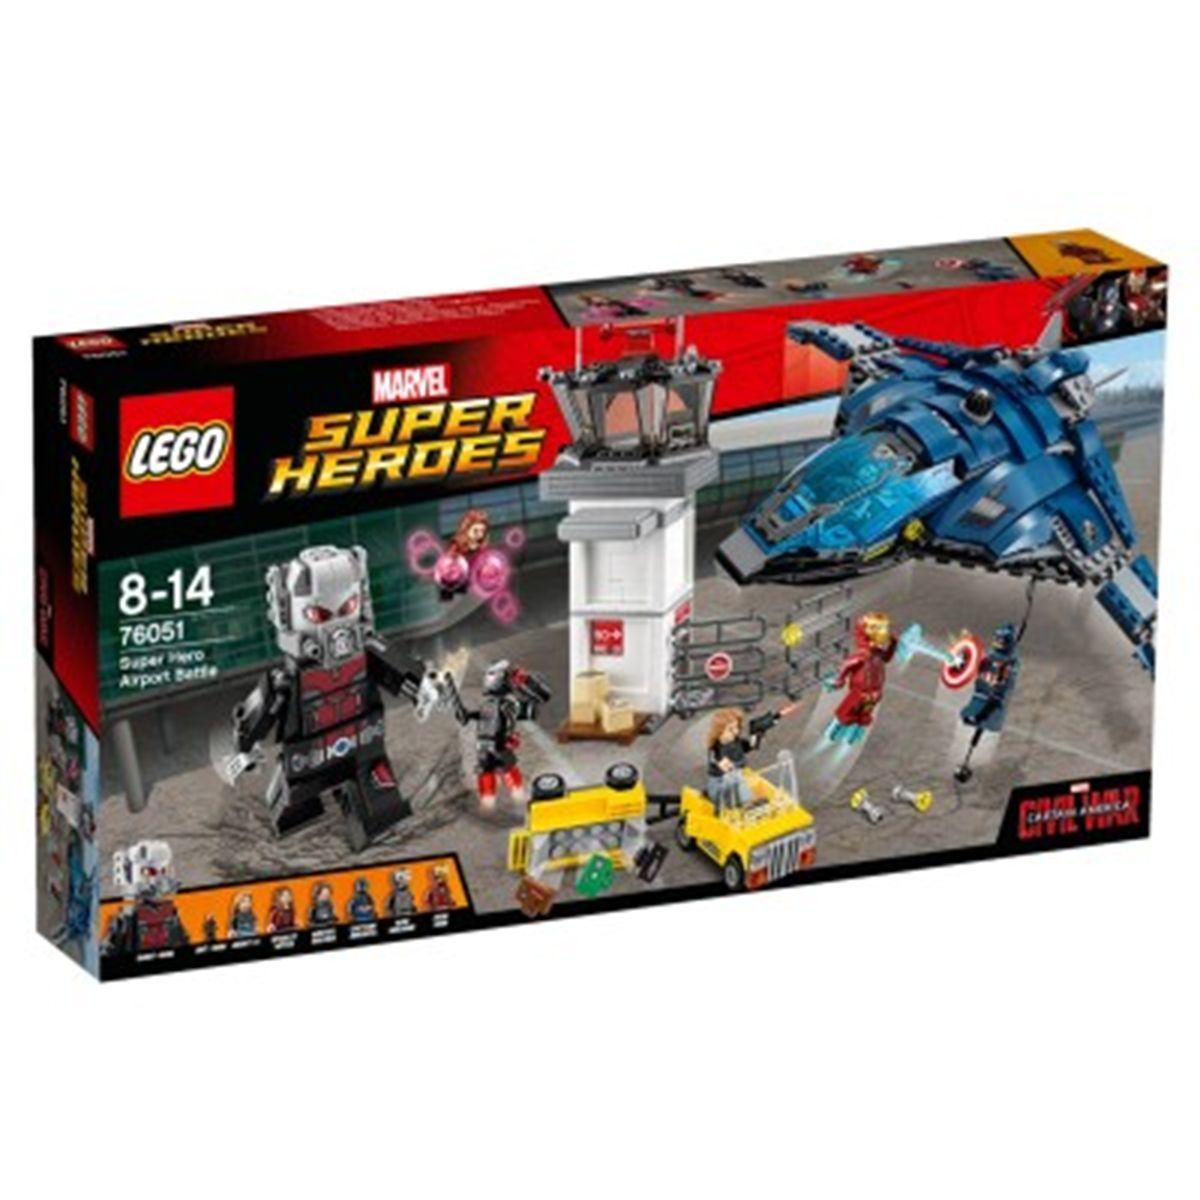 Lego Bataille America Captain 76051 Super De Marvel L'aéroport La OkXTwuZiP